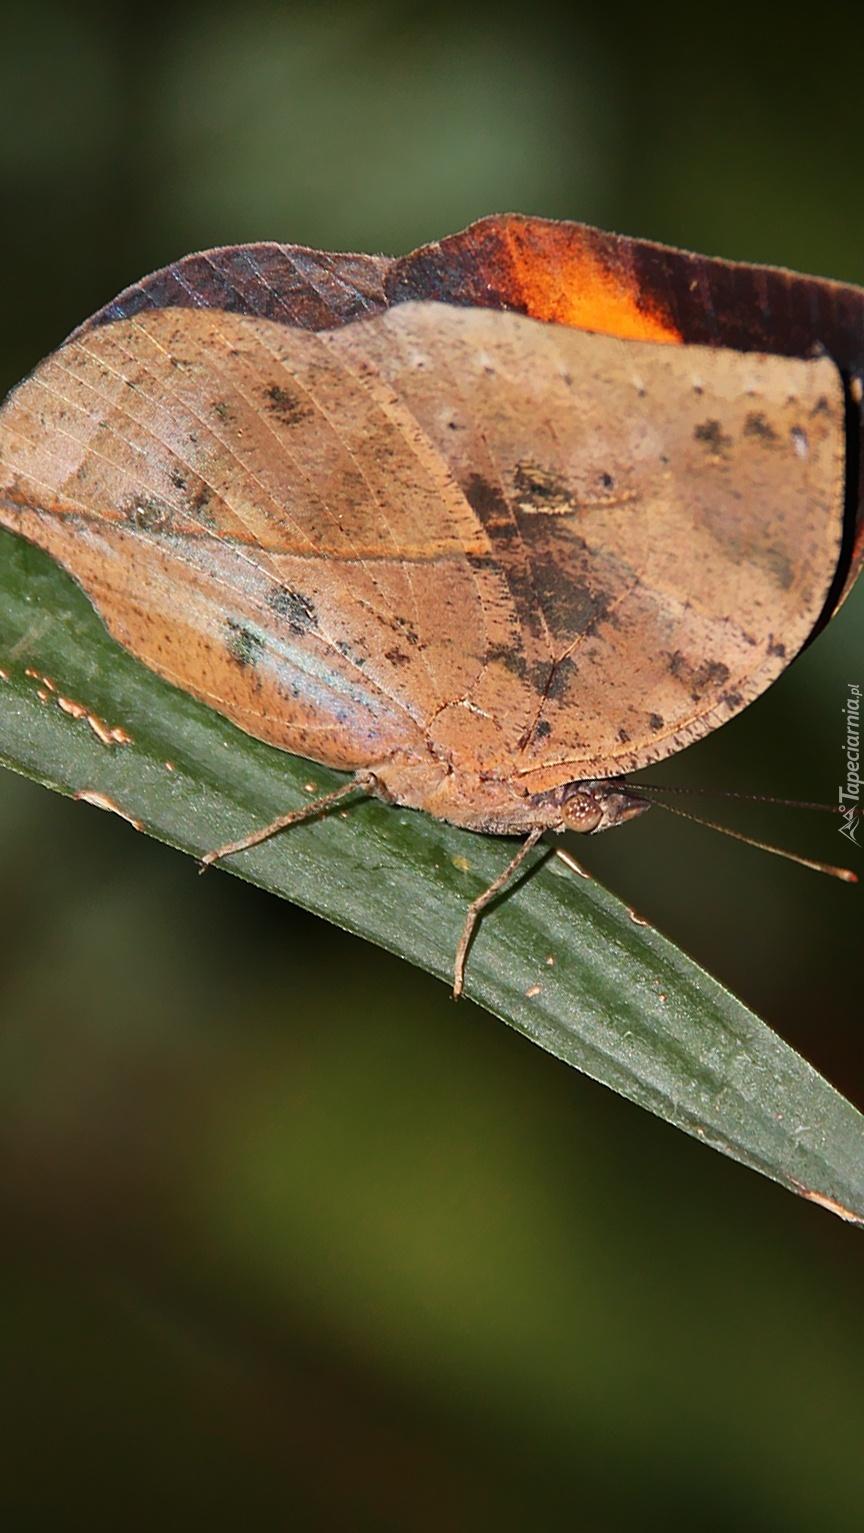 Motyl jak suchy liść